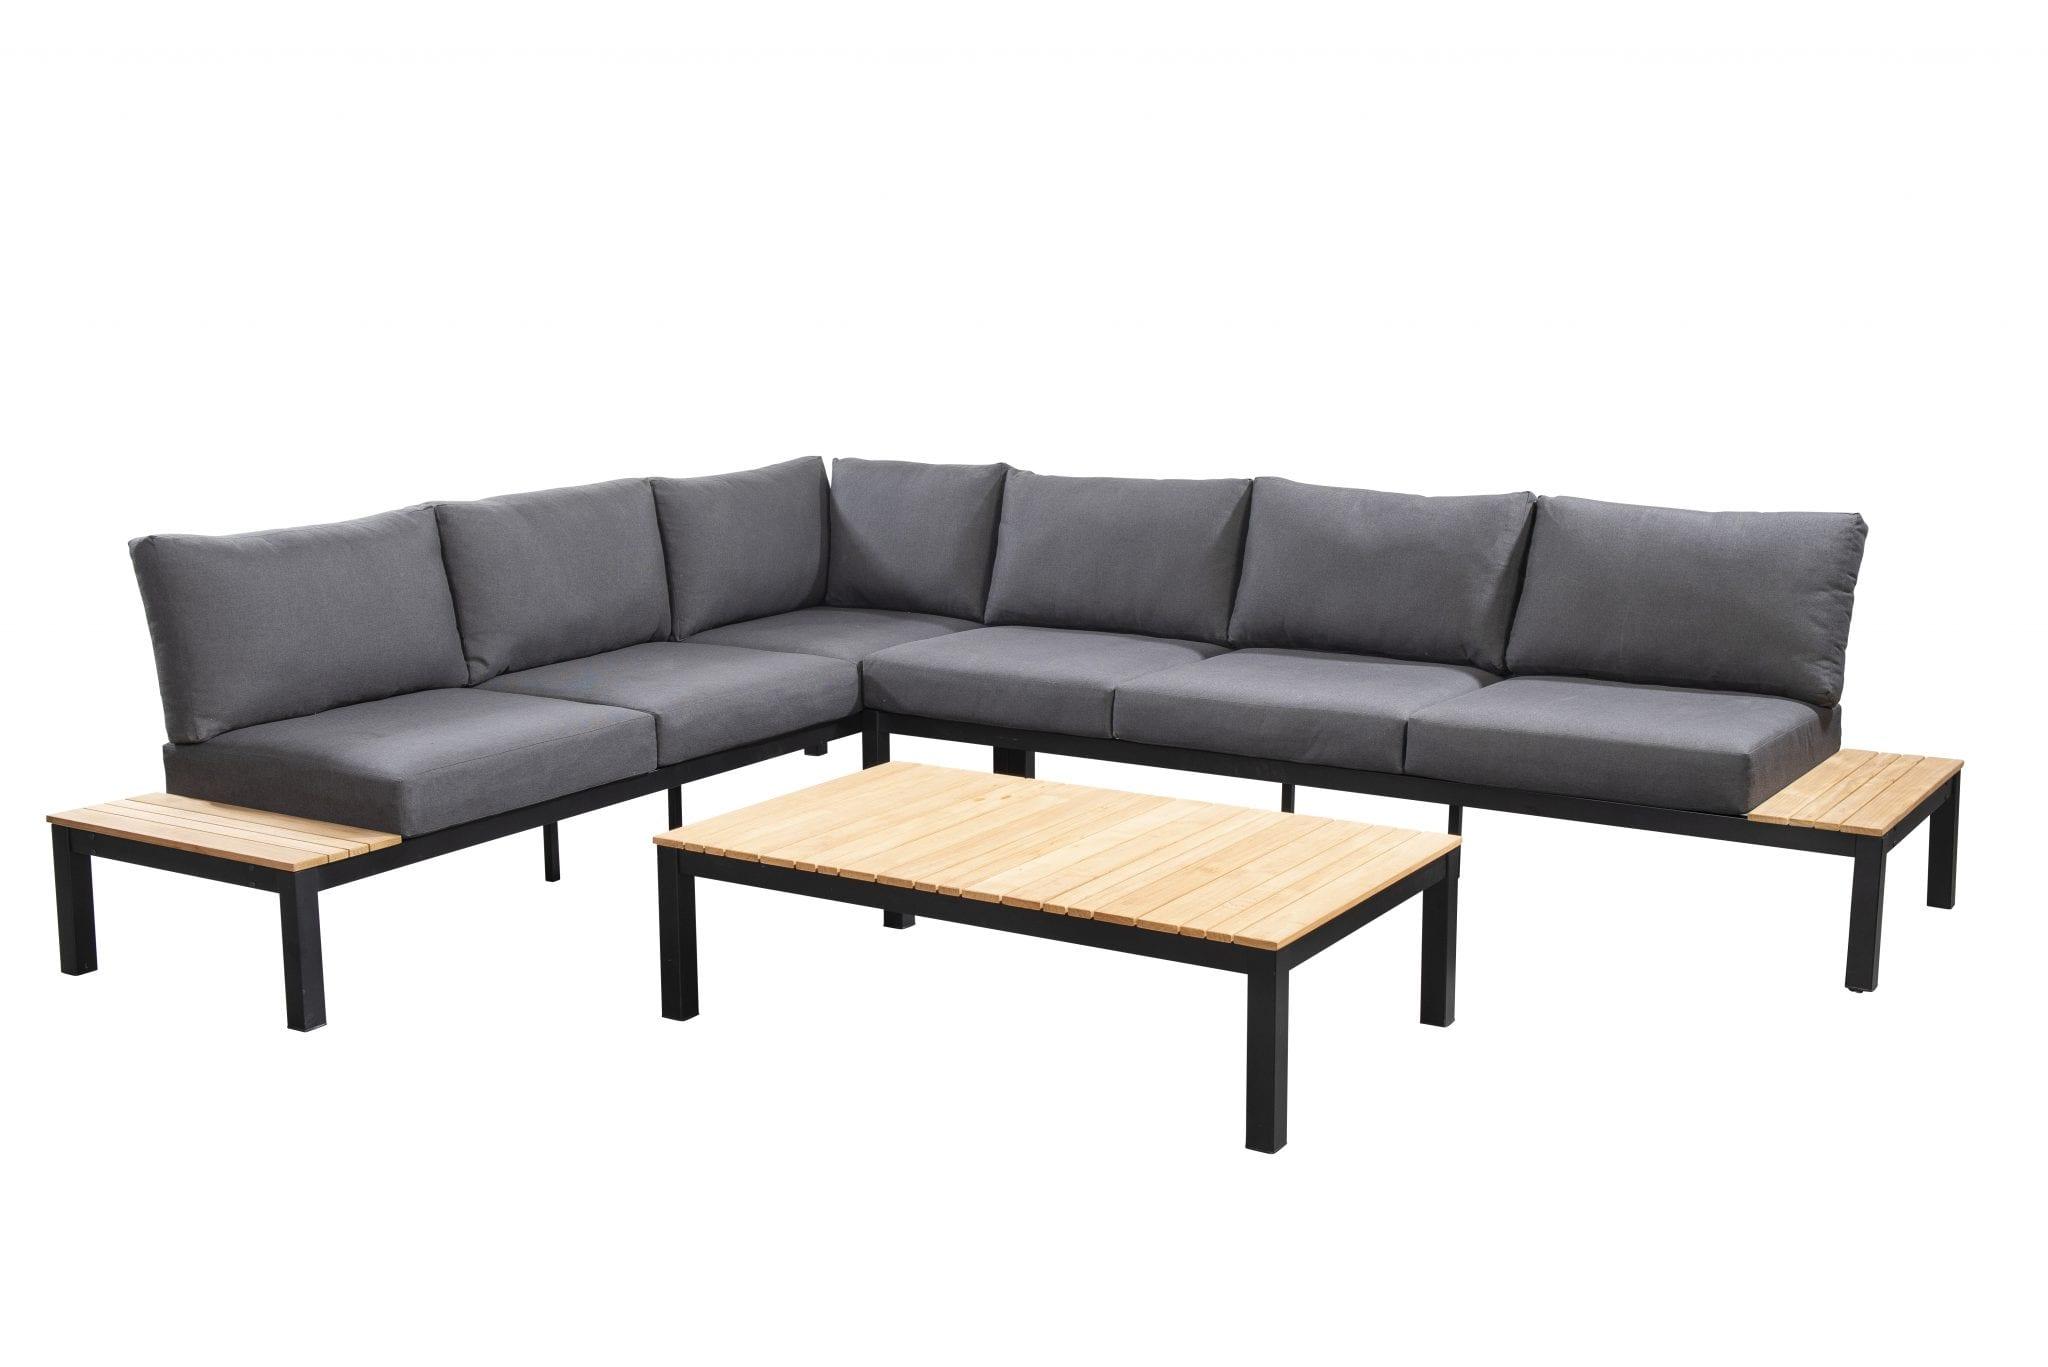 Tori corner set - black | Yoi Furniture